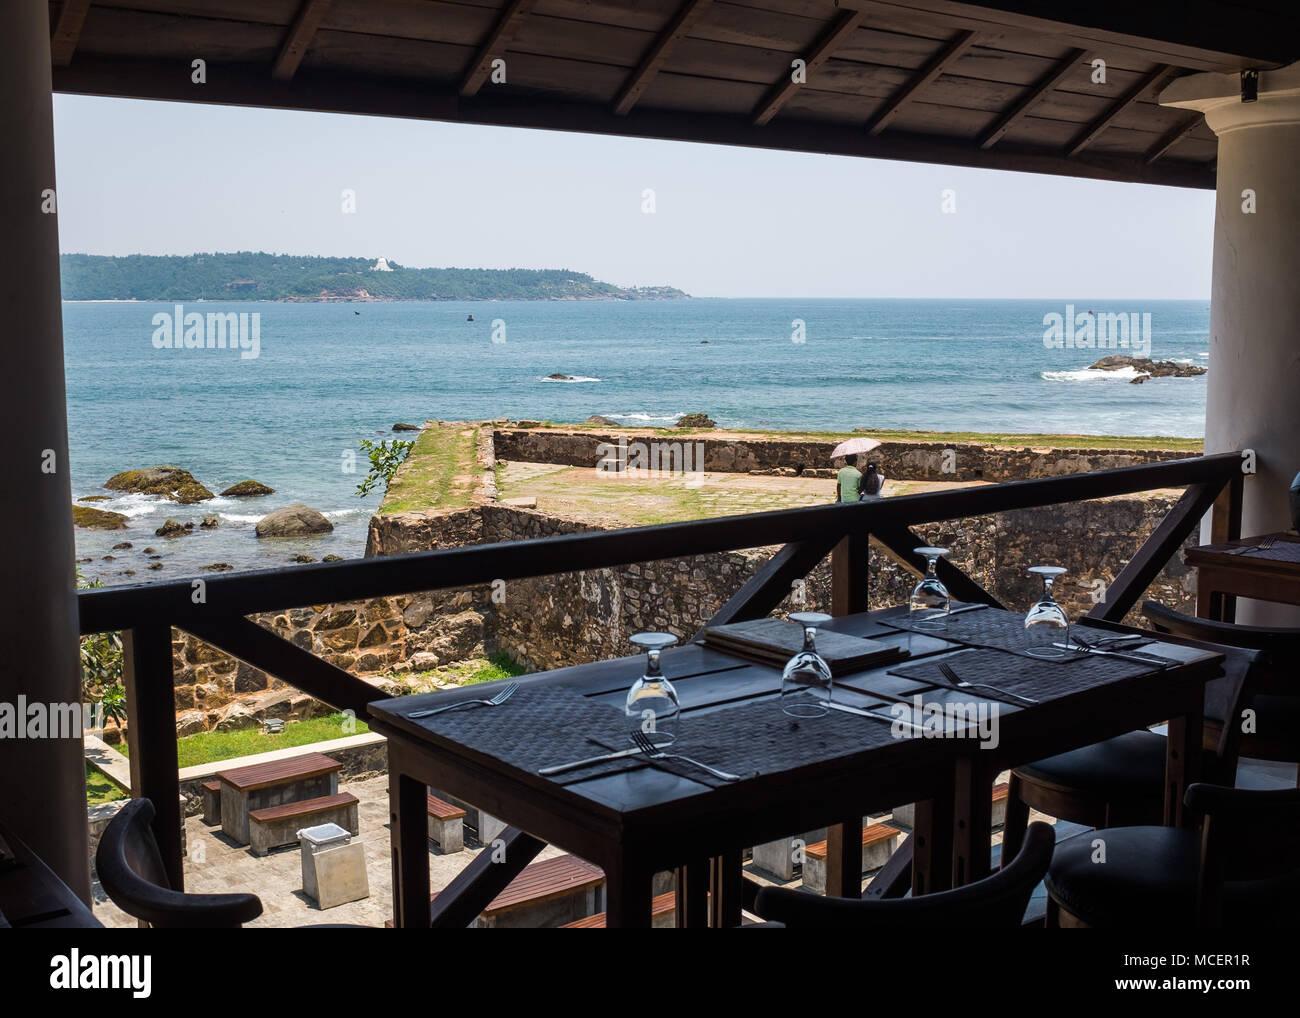 Vista del mar desde un restaurante en el recinto comercial Hospital Holandés, Galle, Sri Lanka, Asia. Imagen De Stock